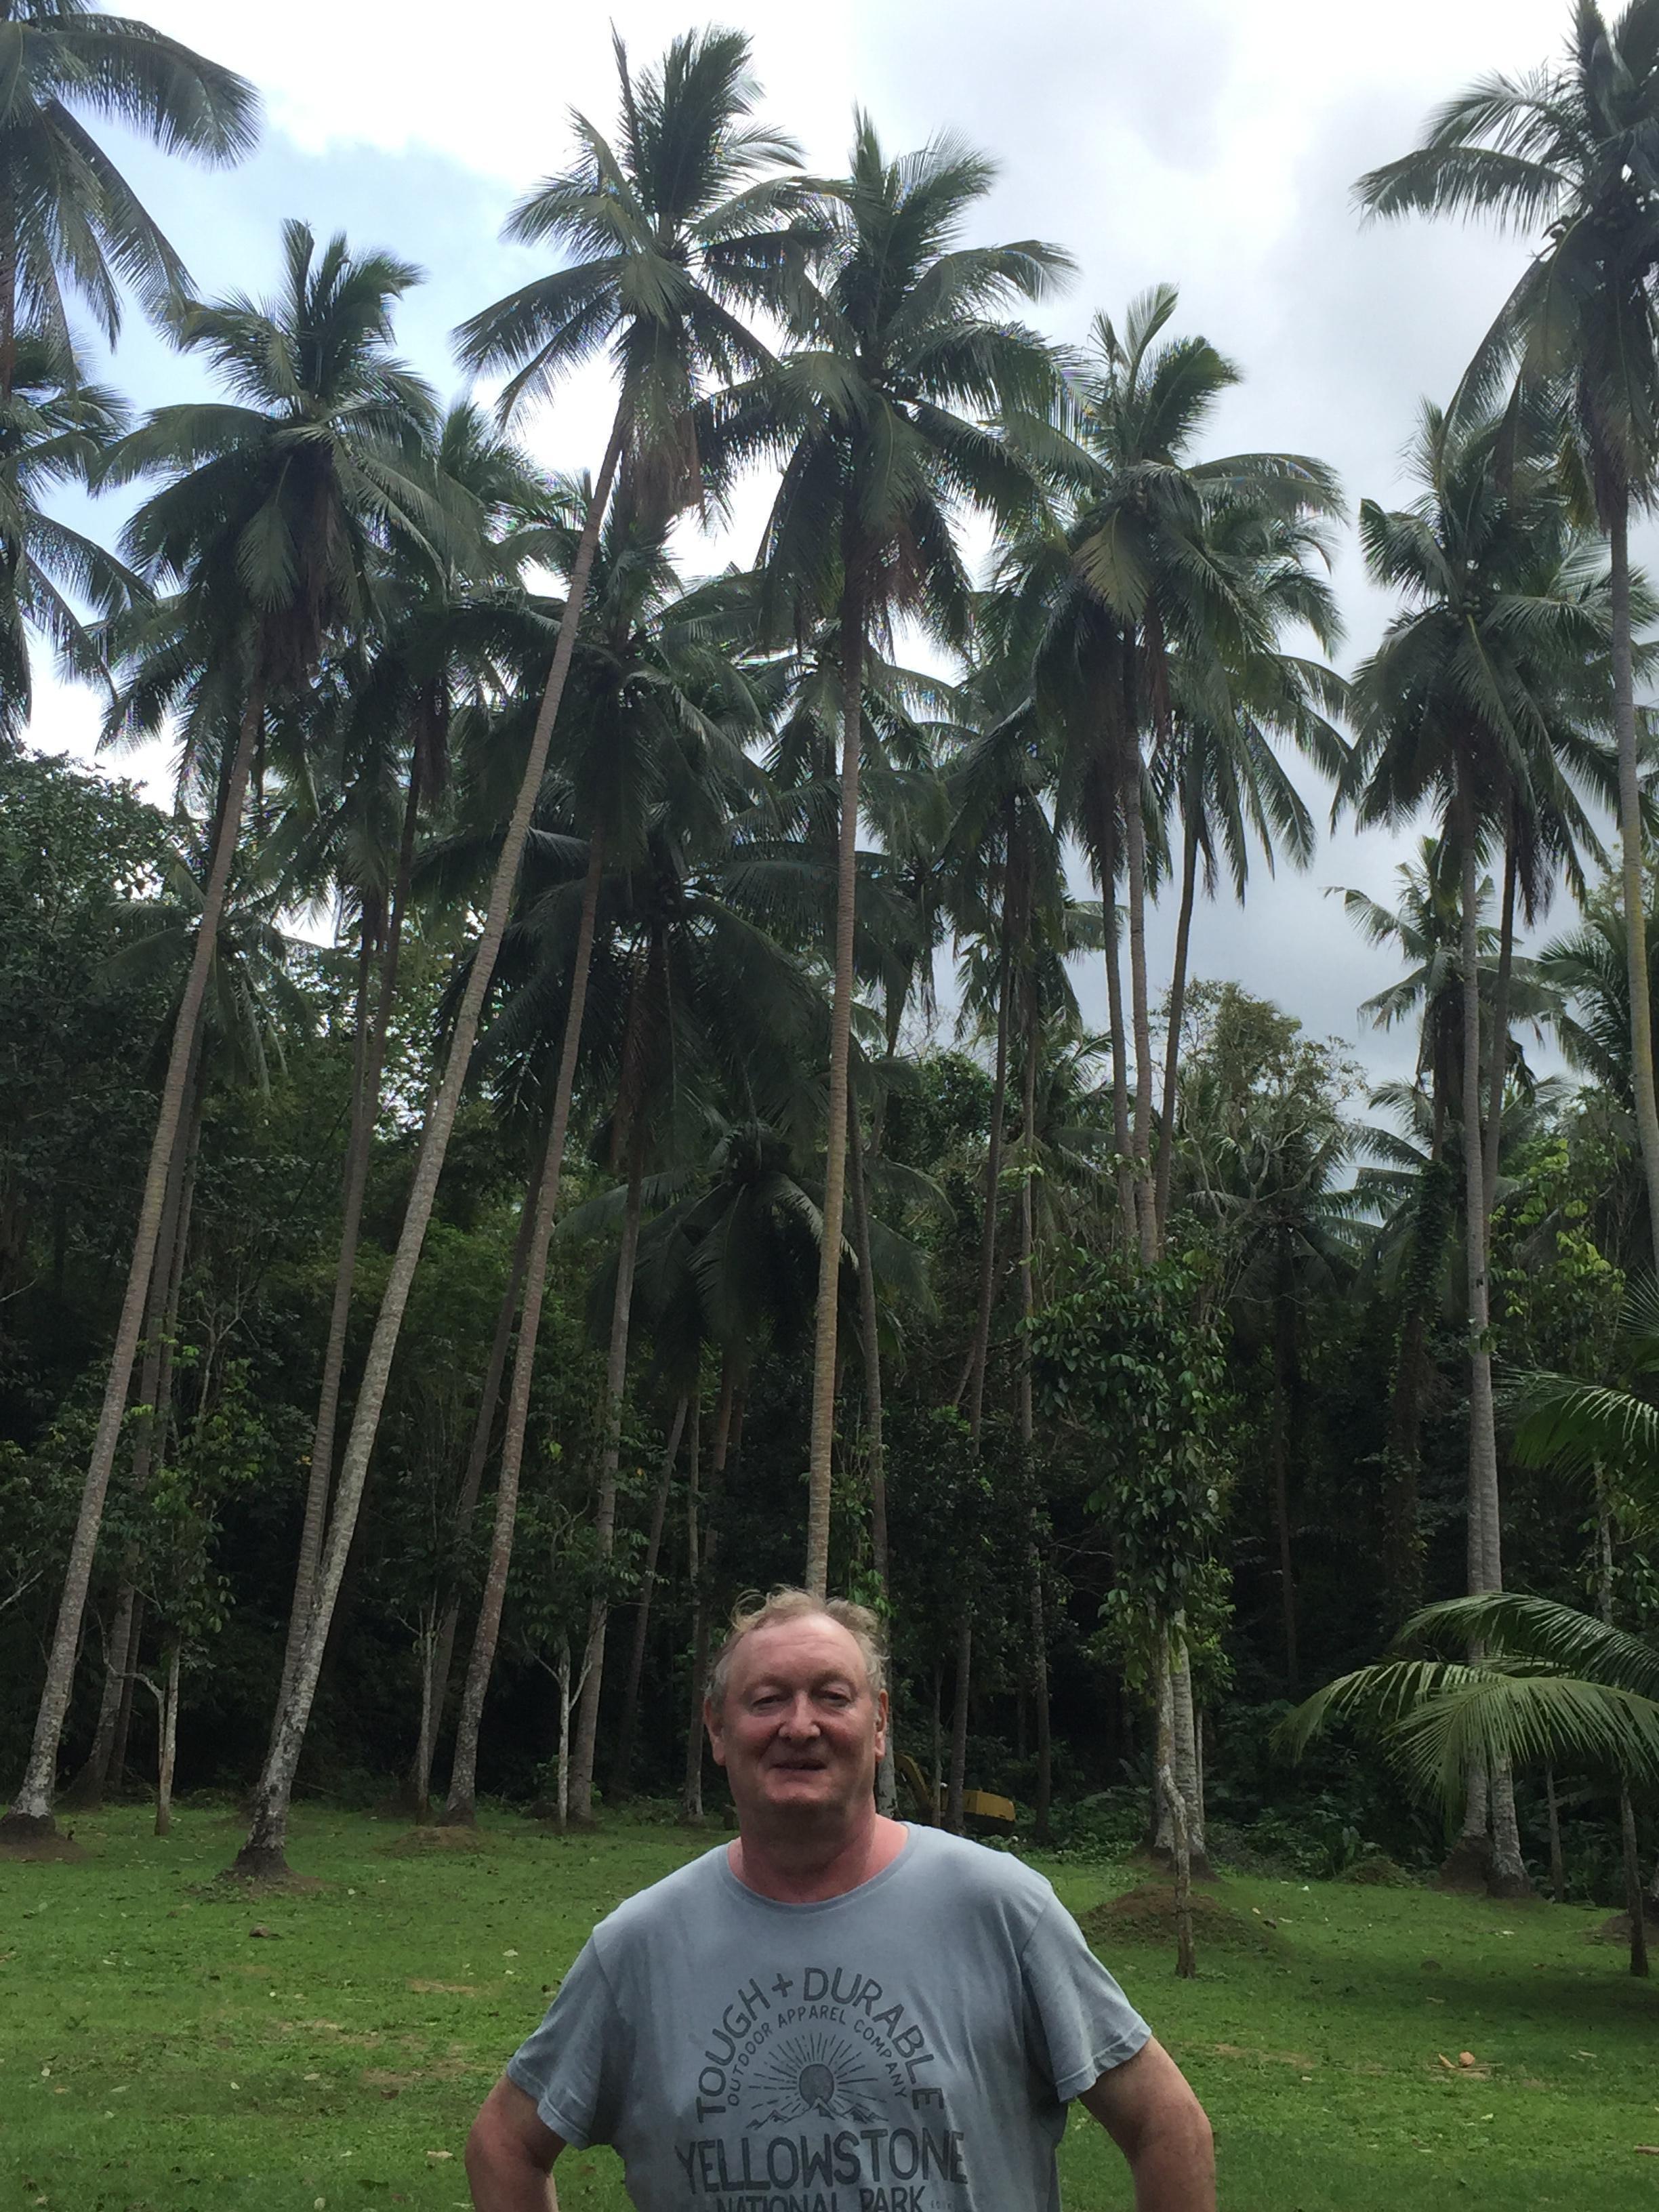 Christian dans les palmiers.